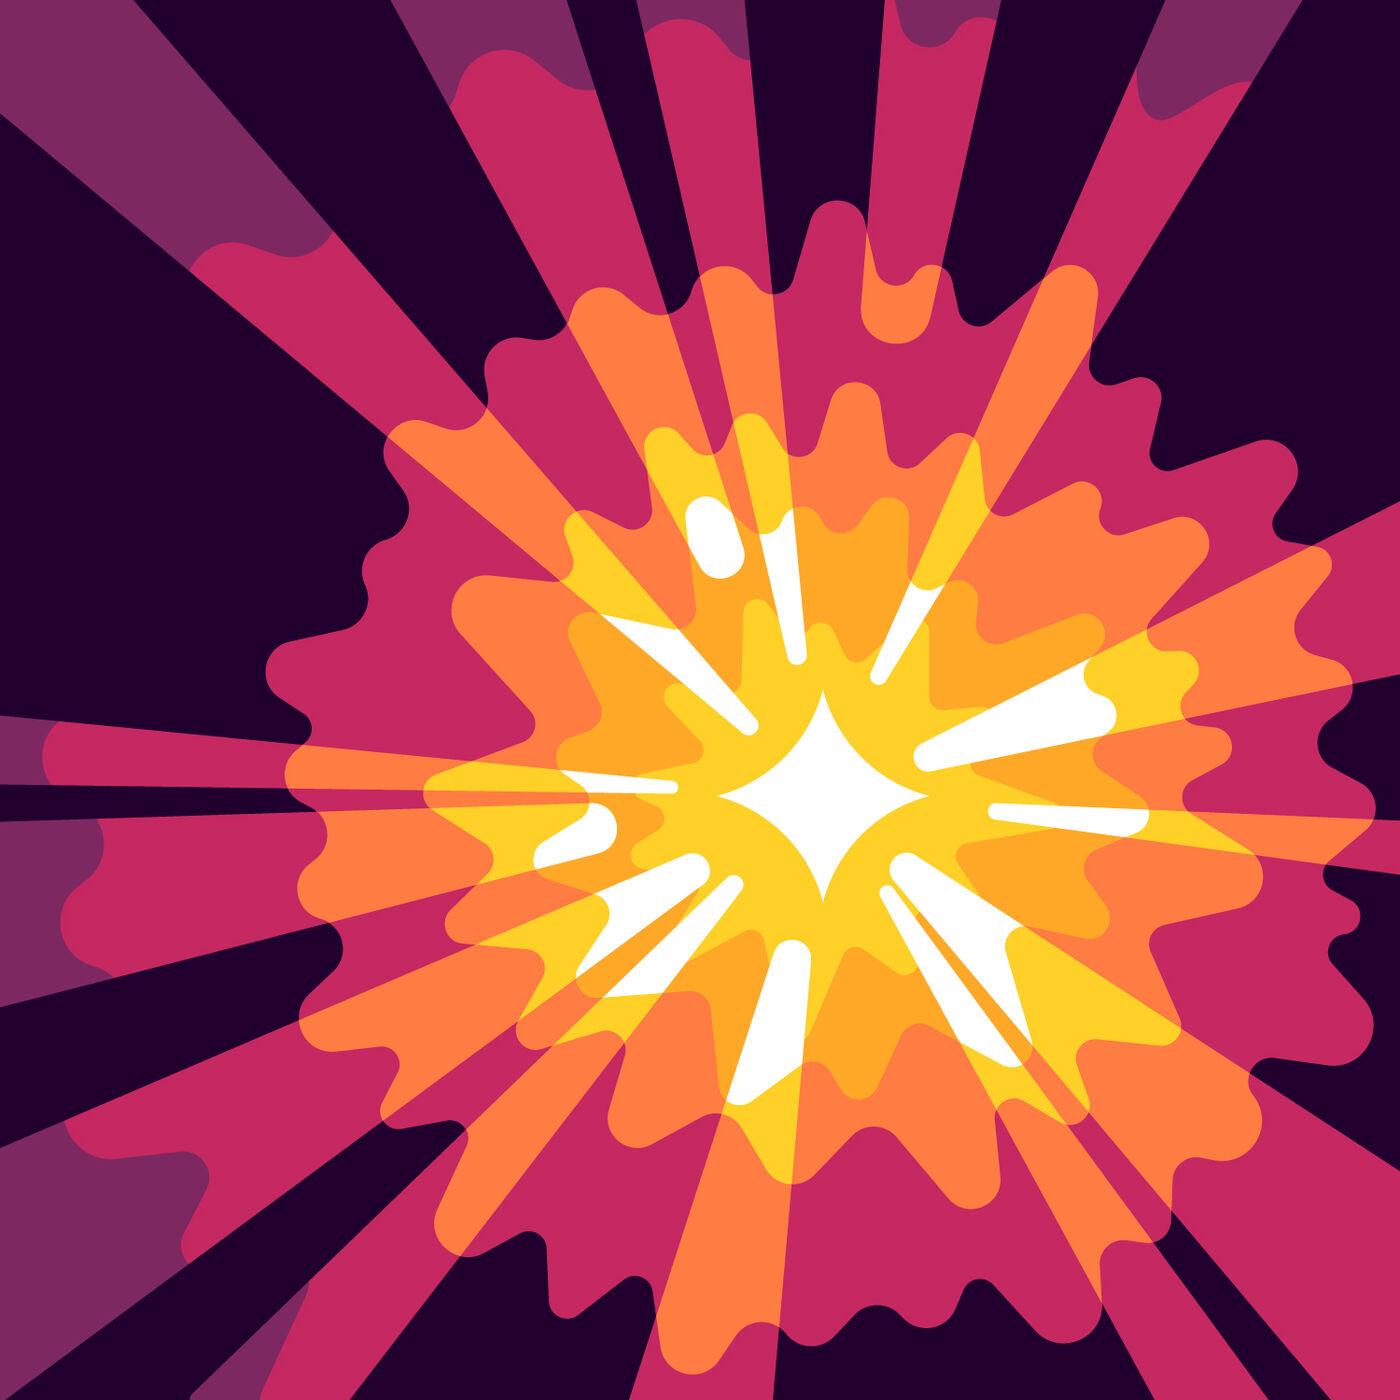 Supernovas : Explosiones en el cielo